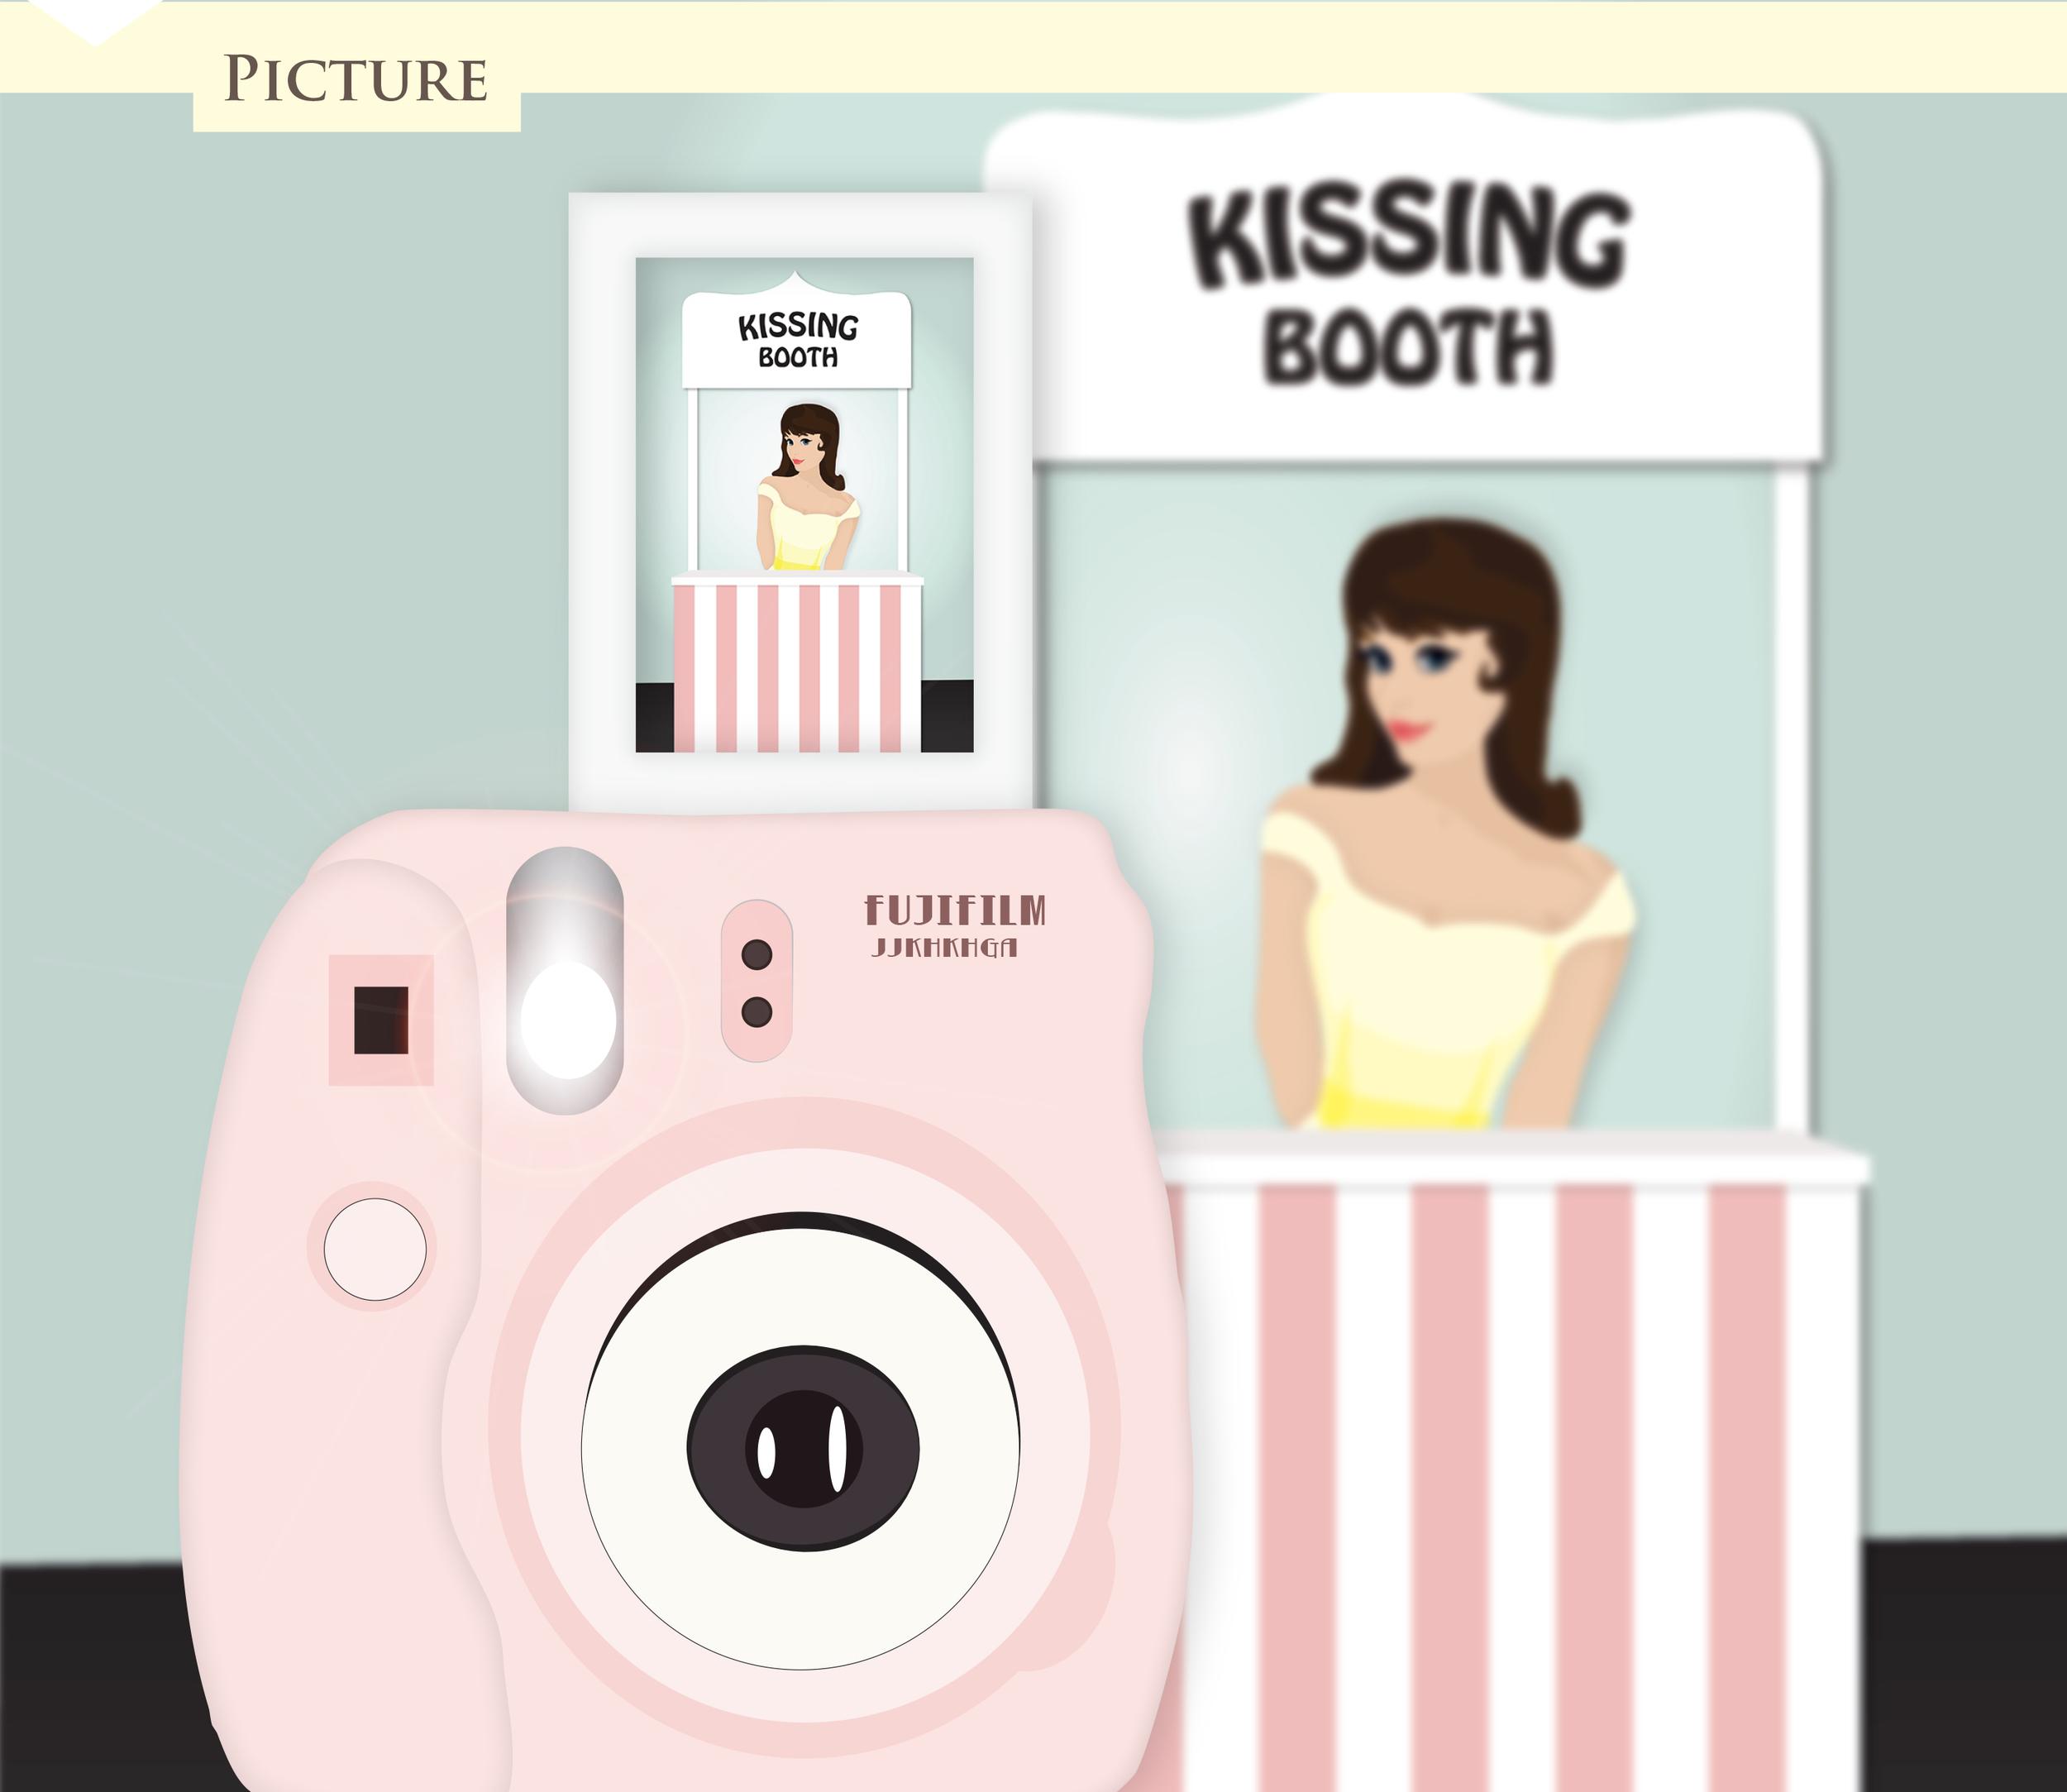 kissingbooth-ferill-6.jpg